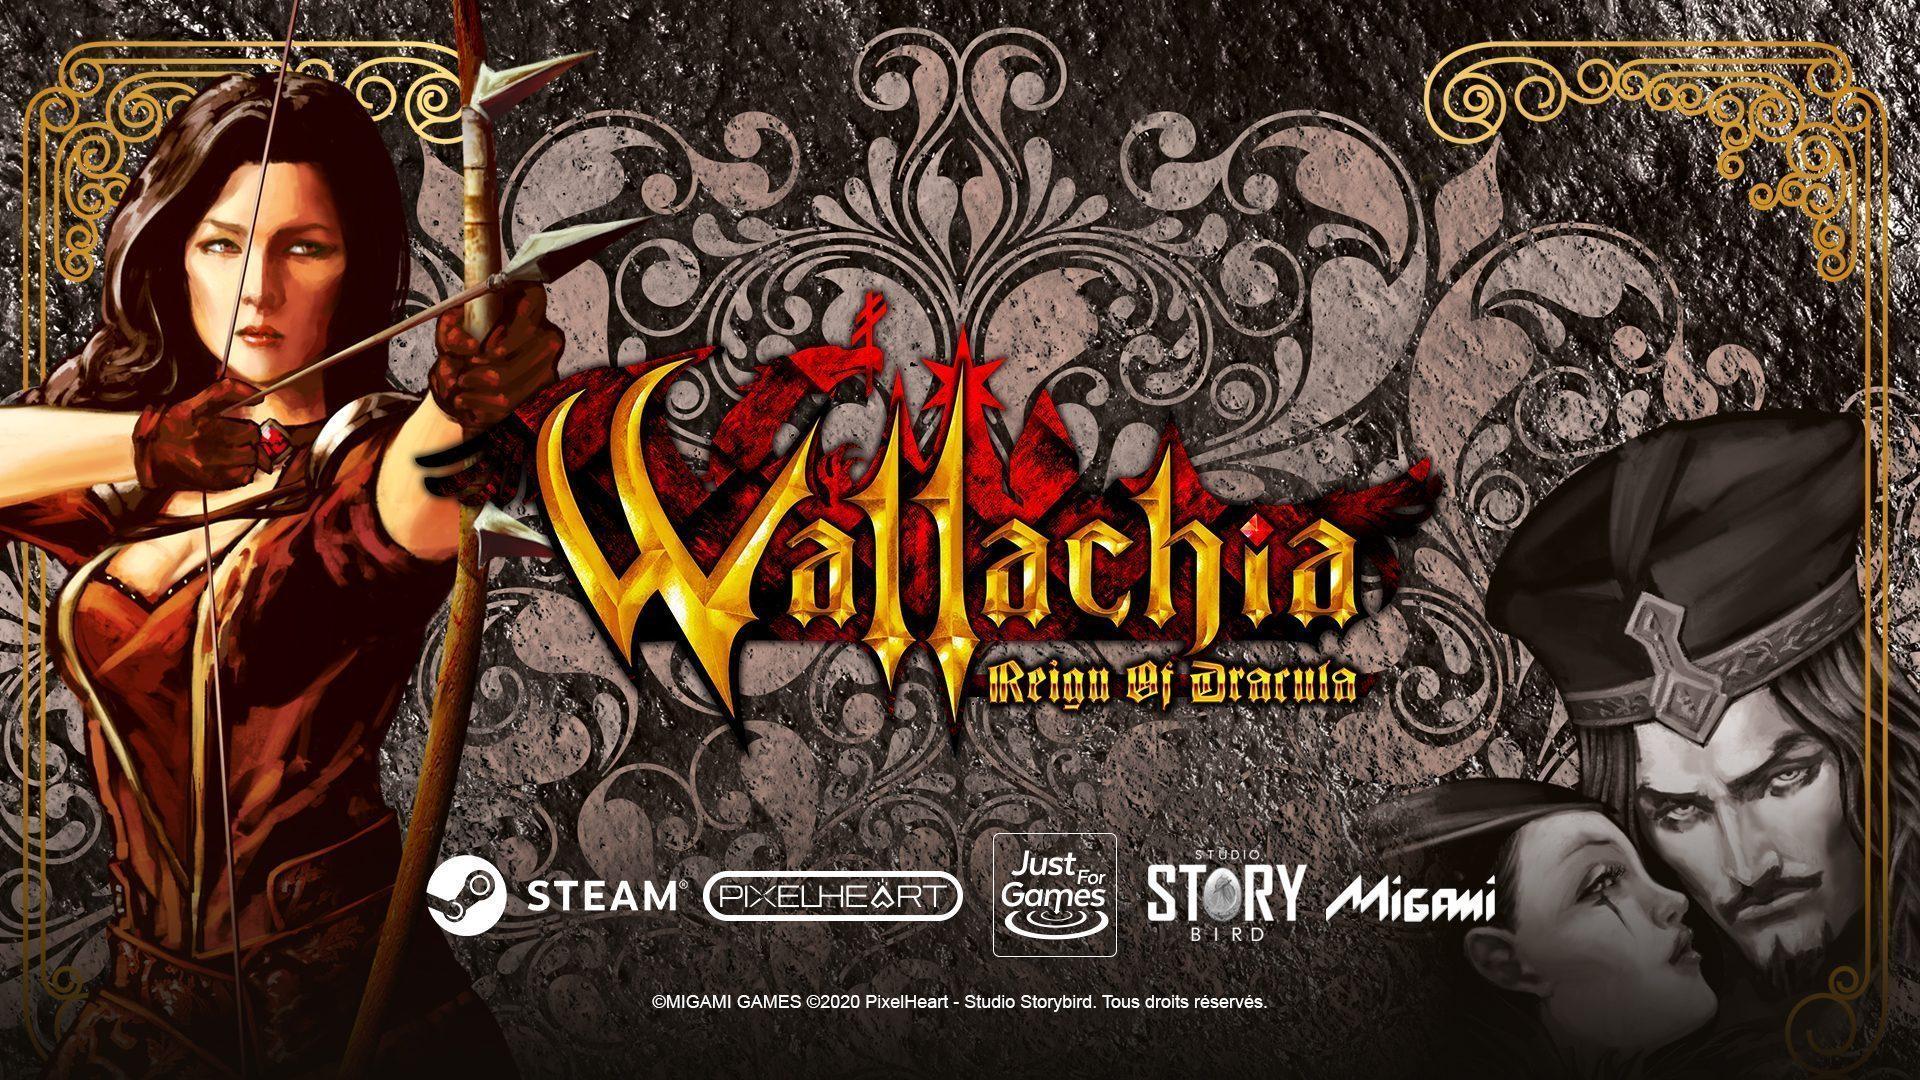 Pub-Wallachia-1920x1080px-STEAM (1)